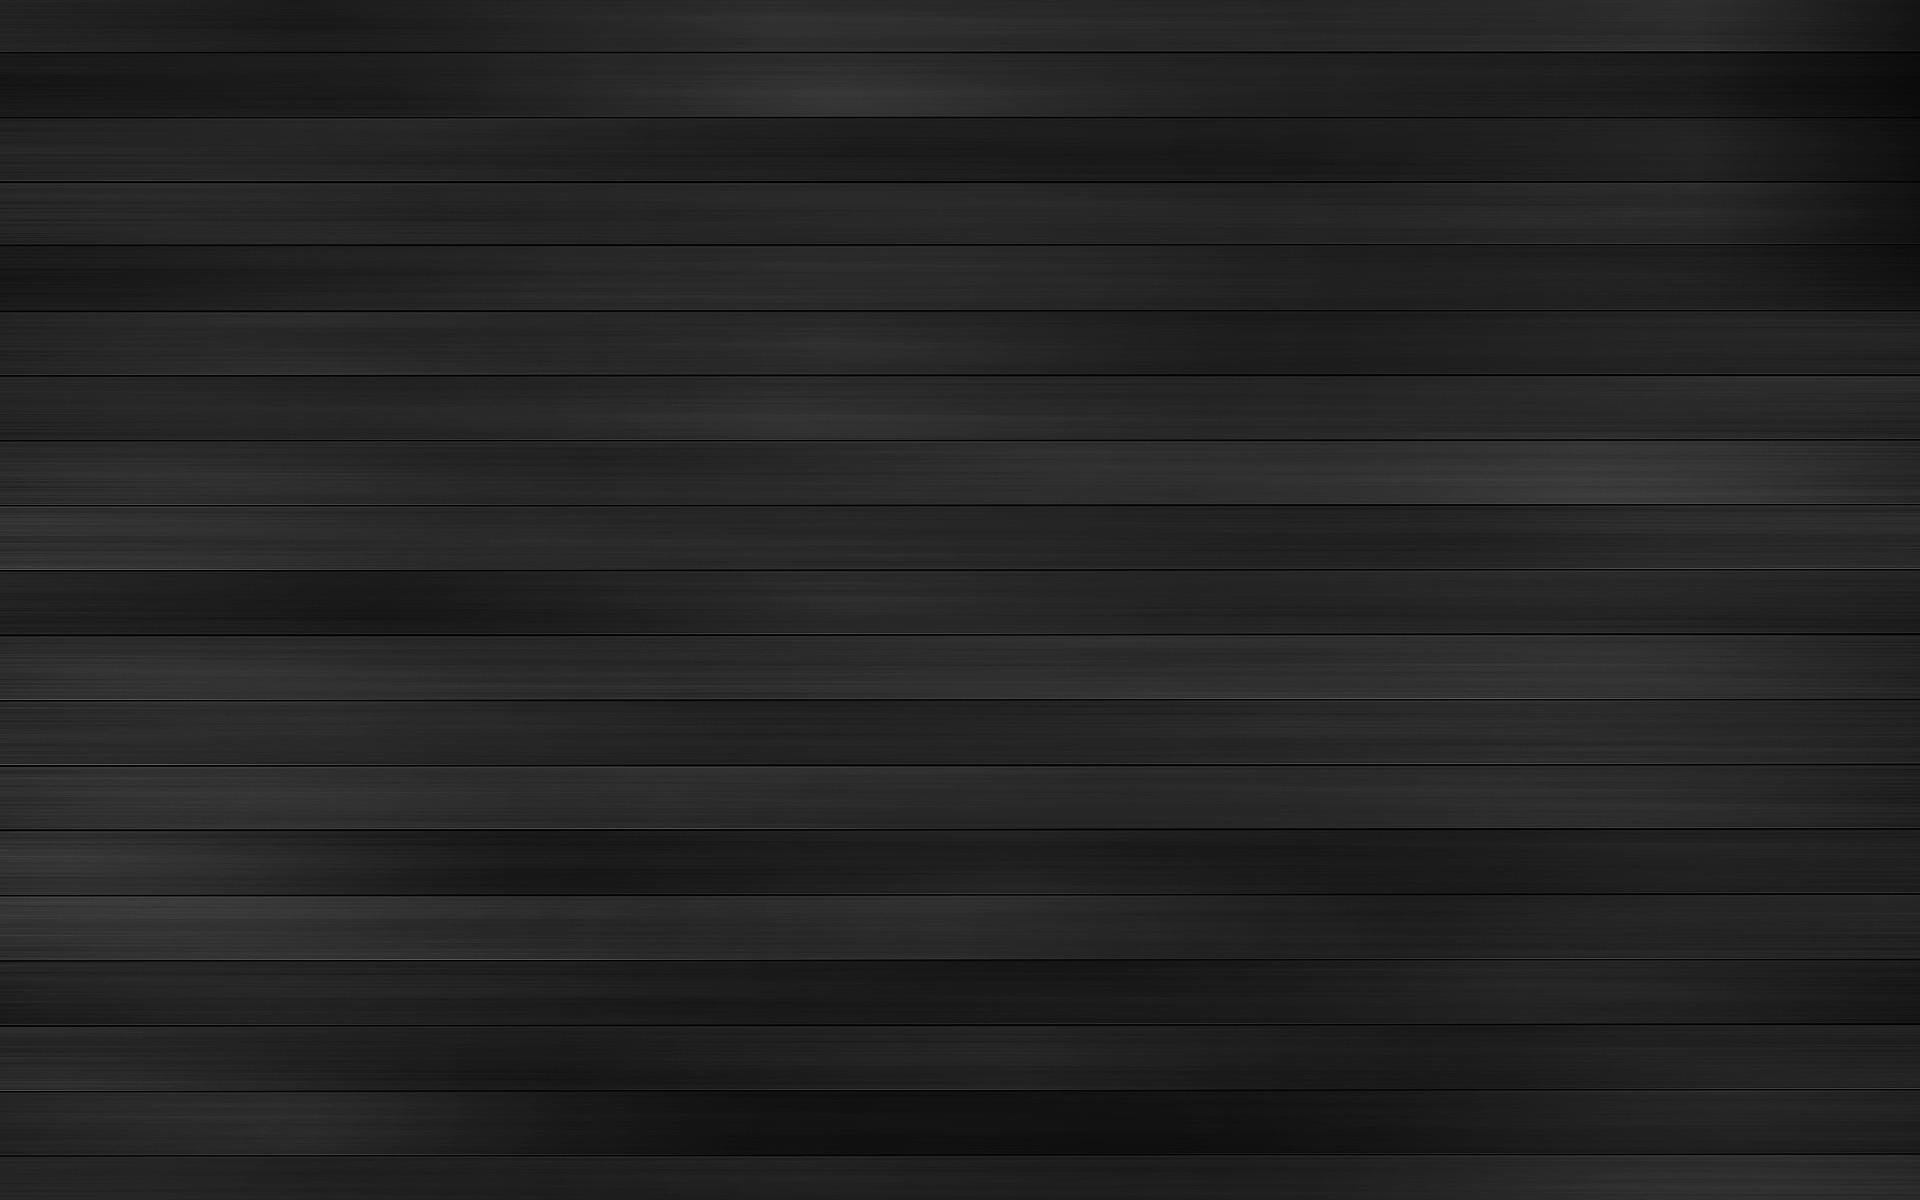 Текстура черная полосы  № 1312632  скачать